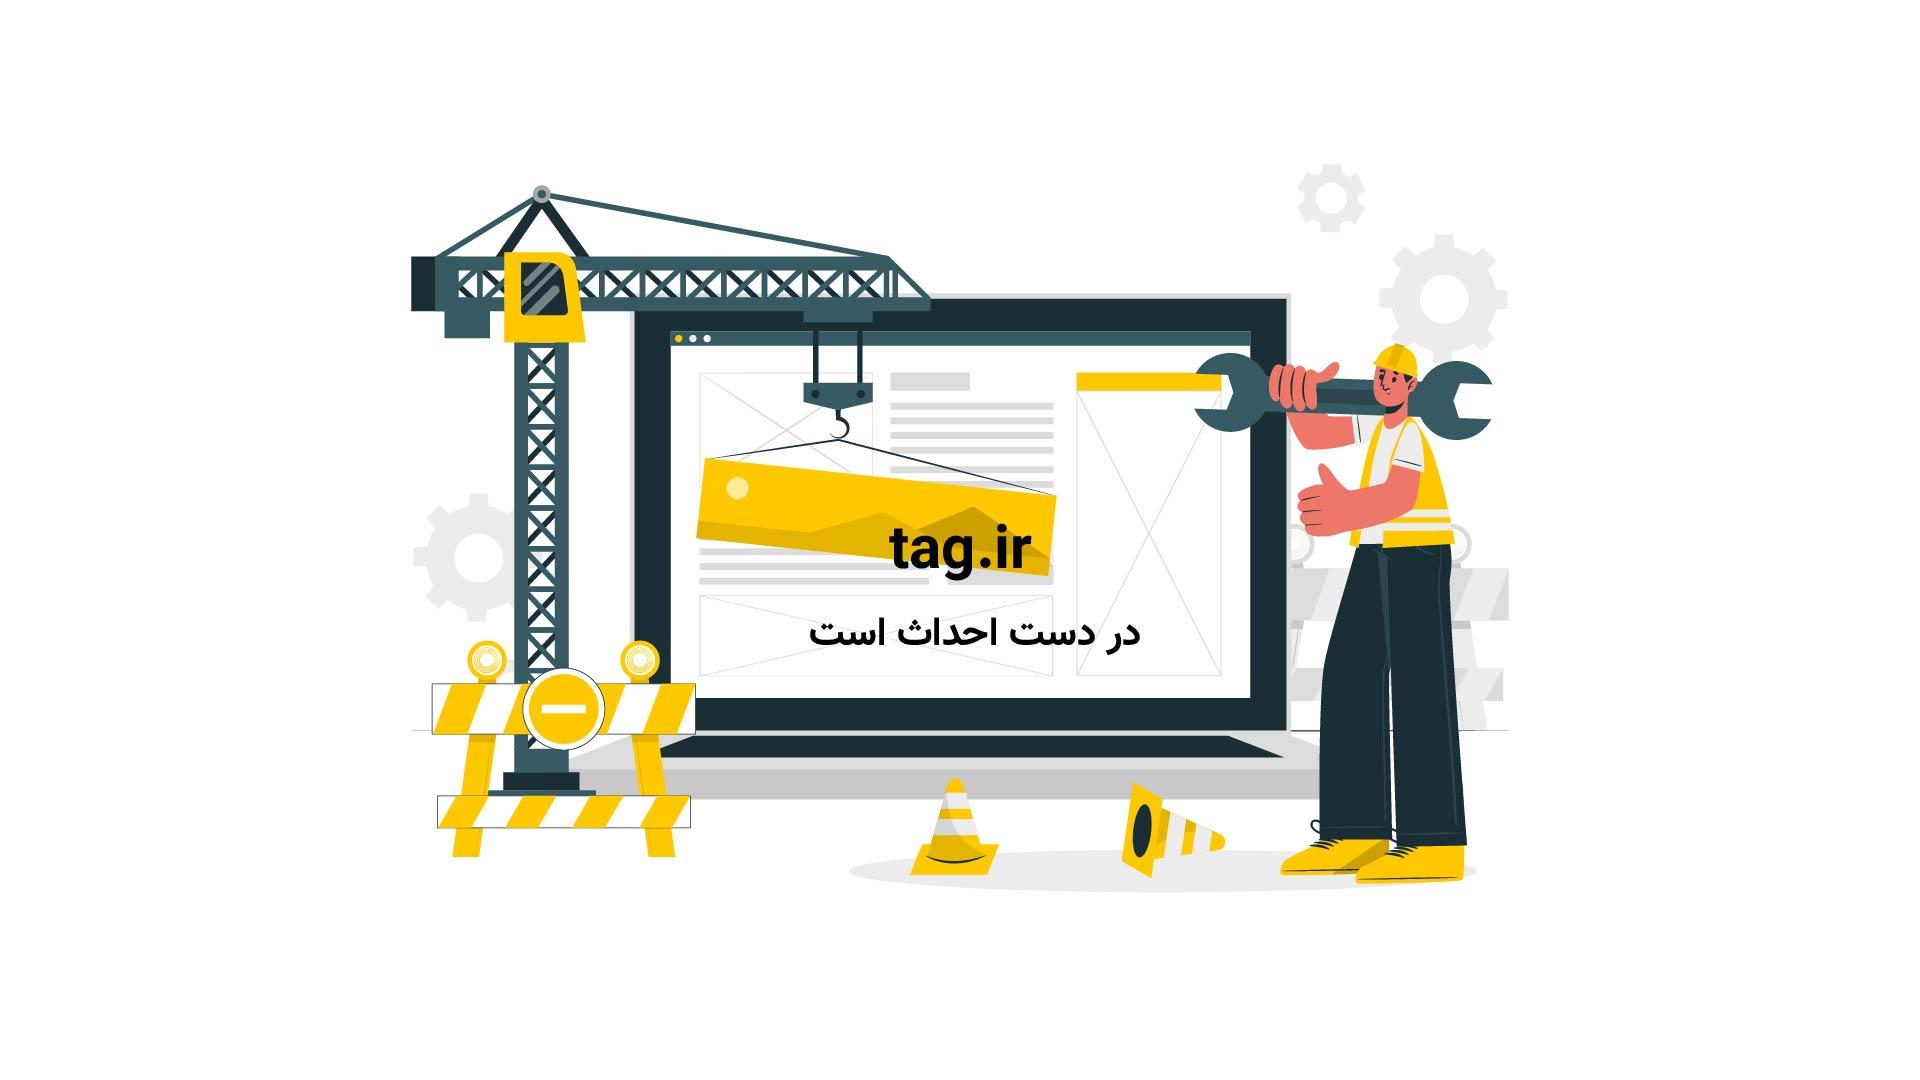 فیلم پرواز بی نظیر سفره ماهی ها را اینجا ببینید